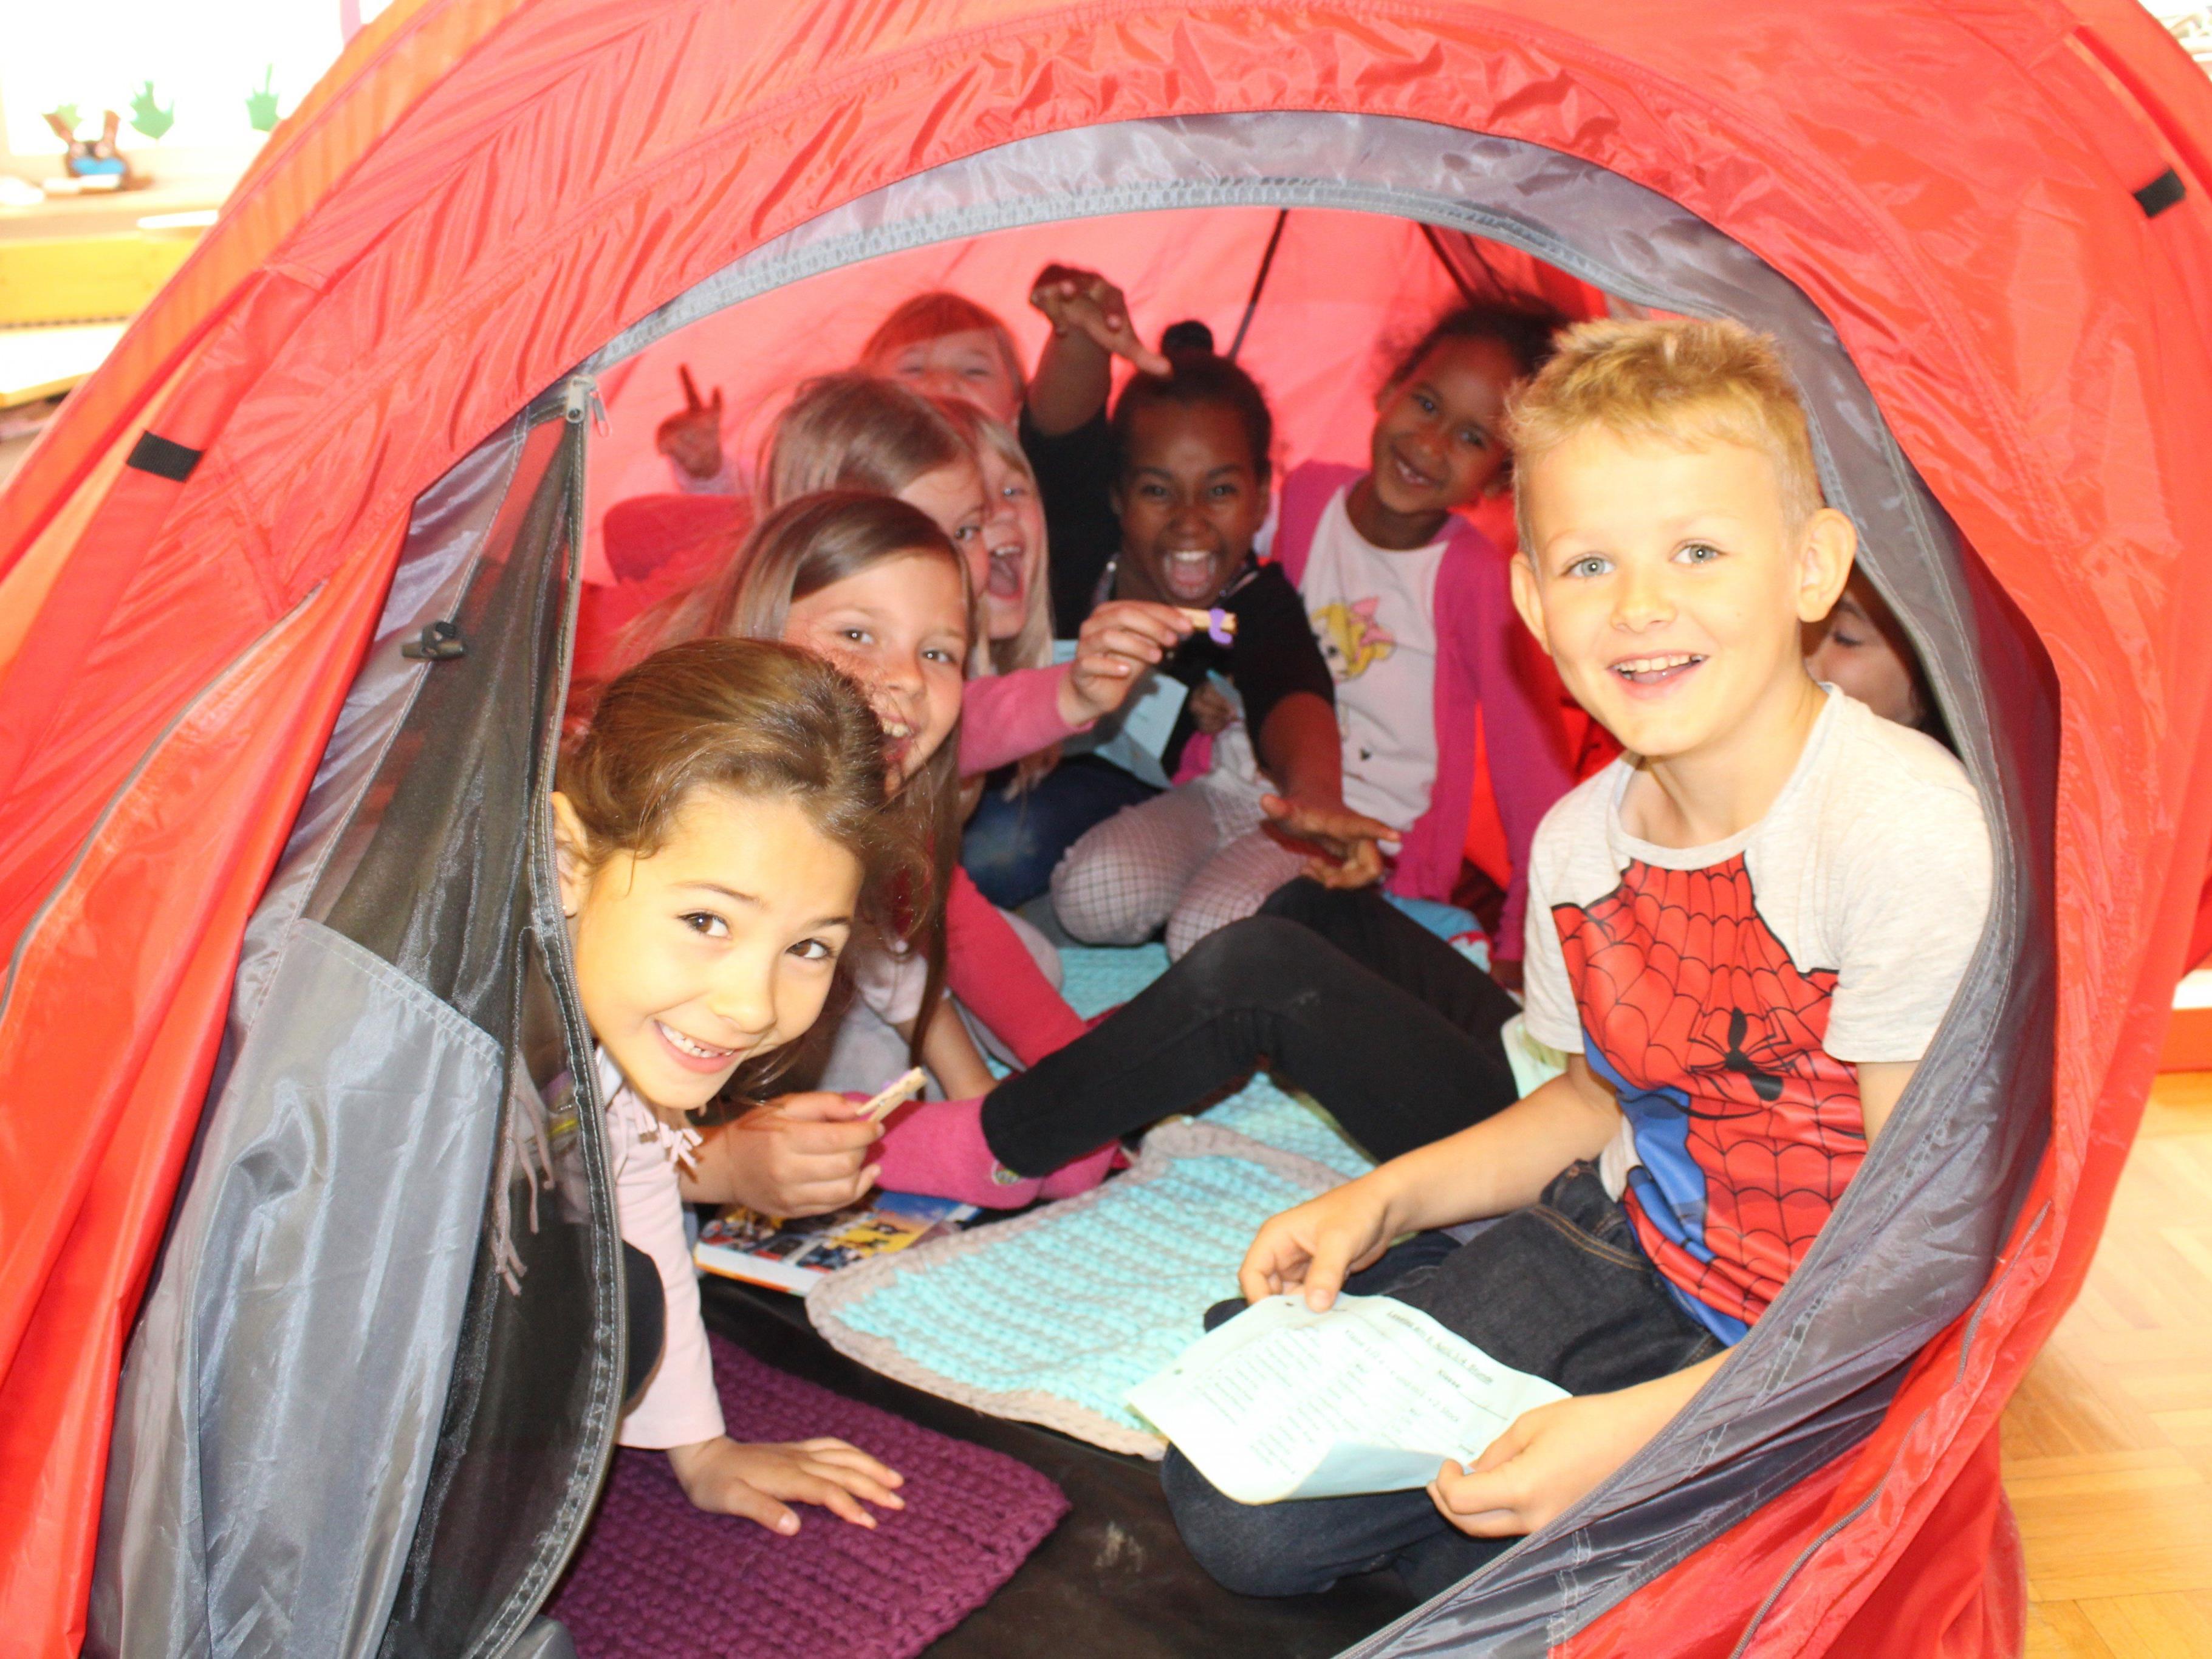 Unter dem Zeltdach machte das Lesen doppelt so viel Spaß.